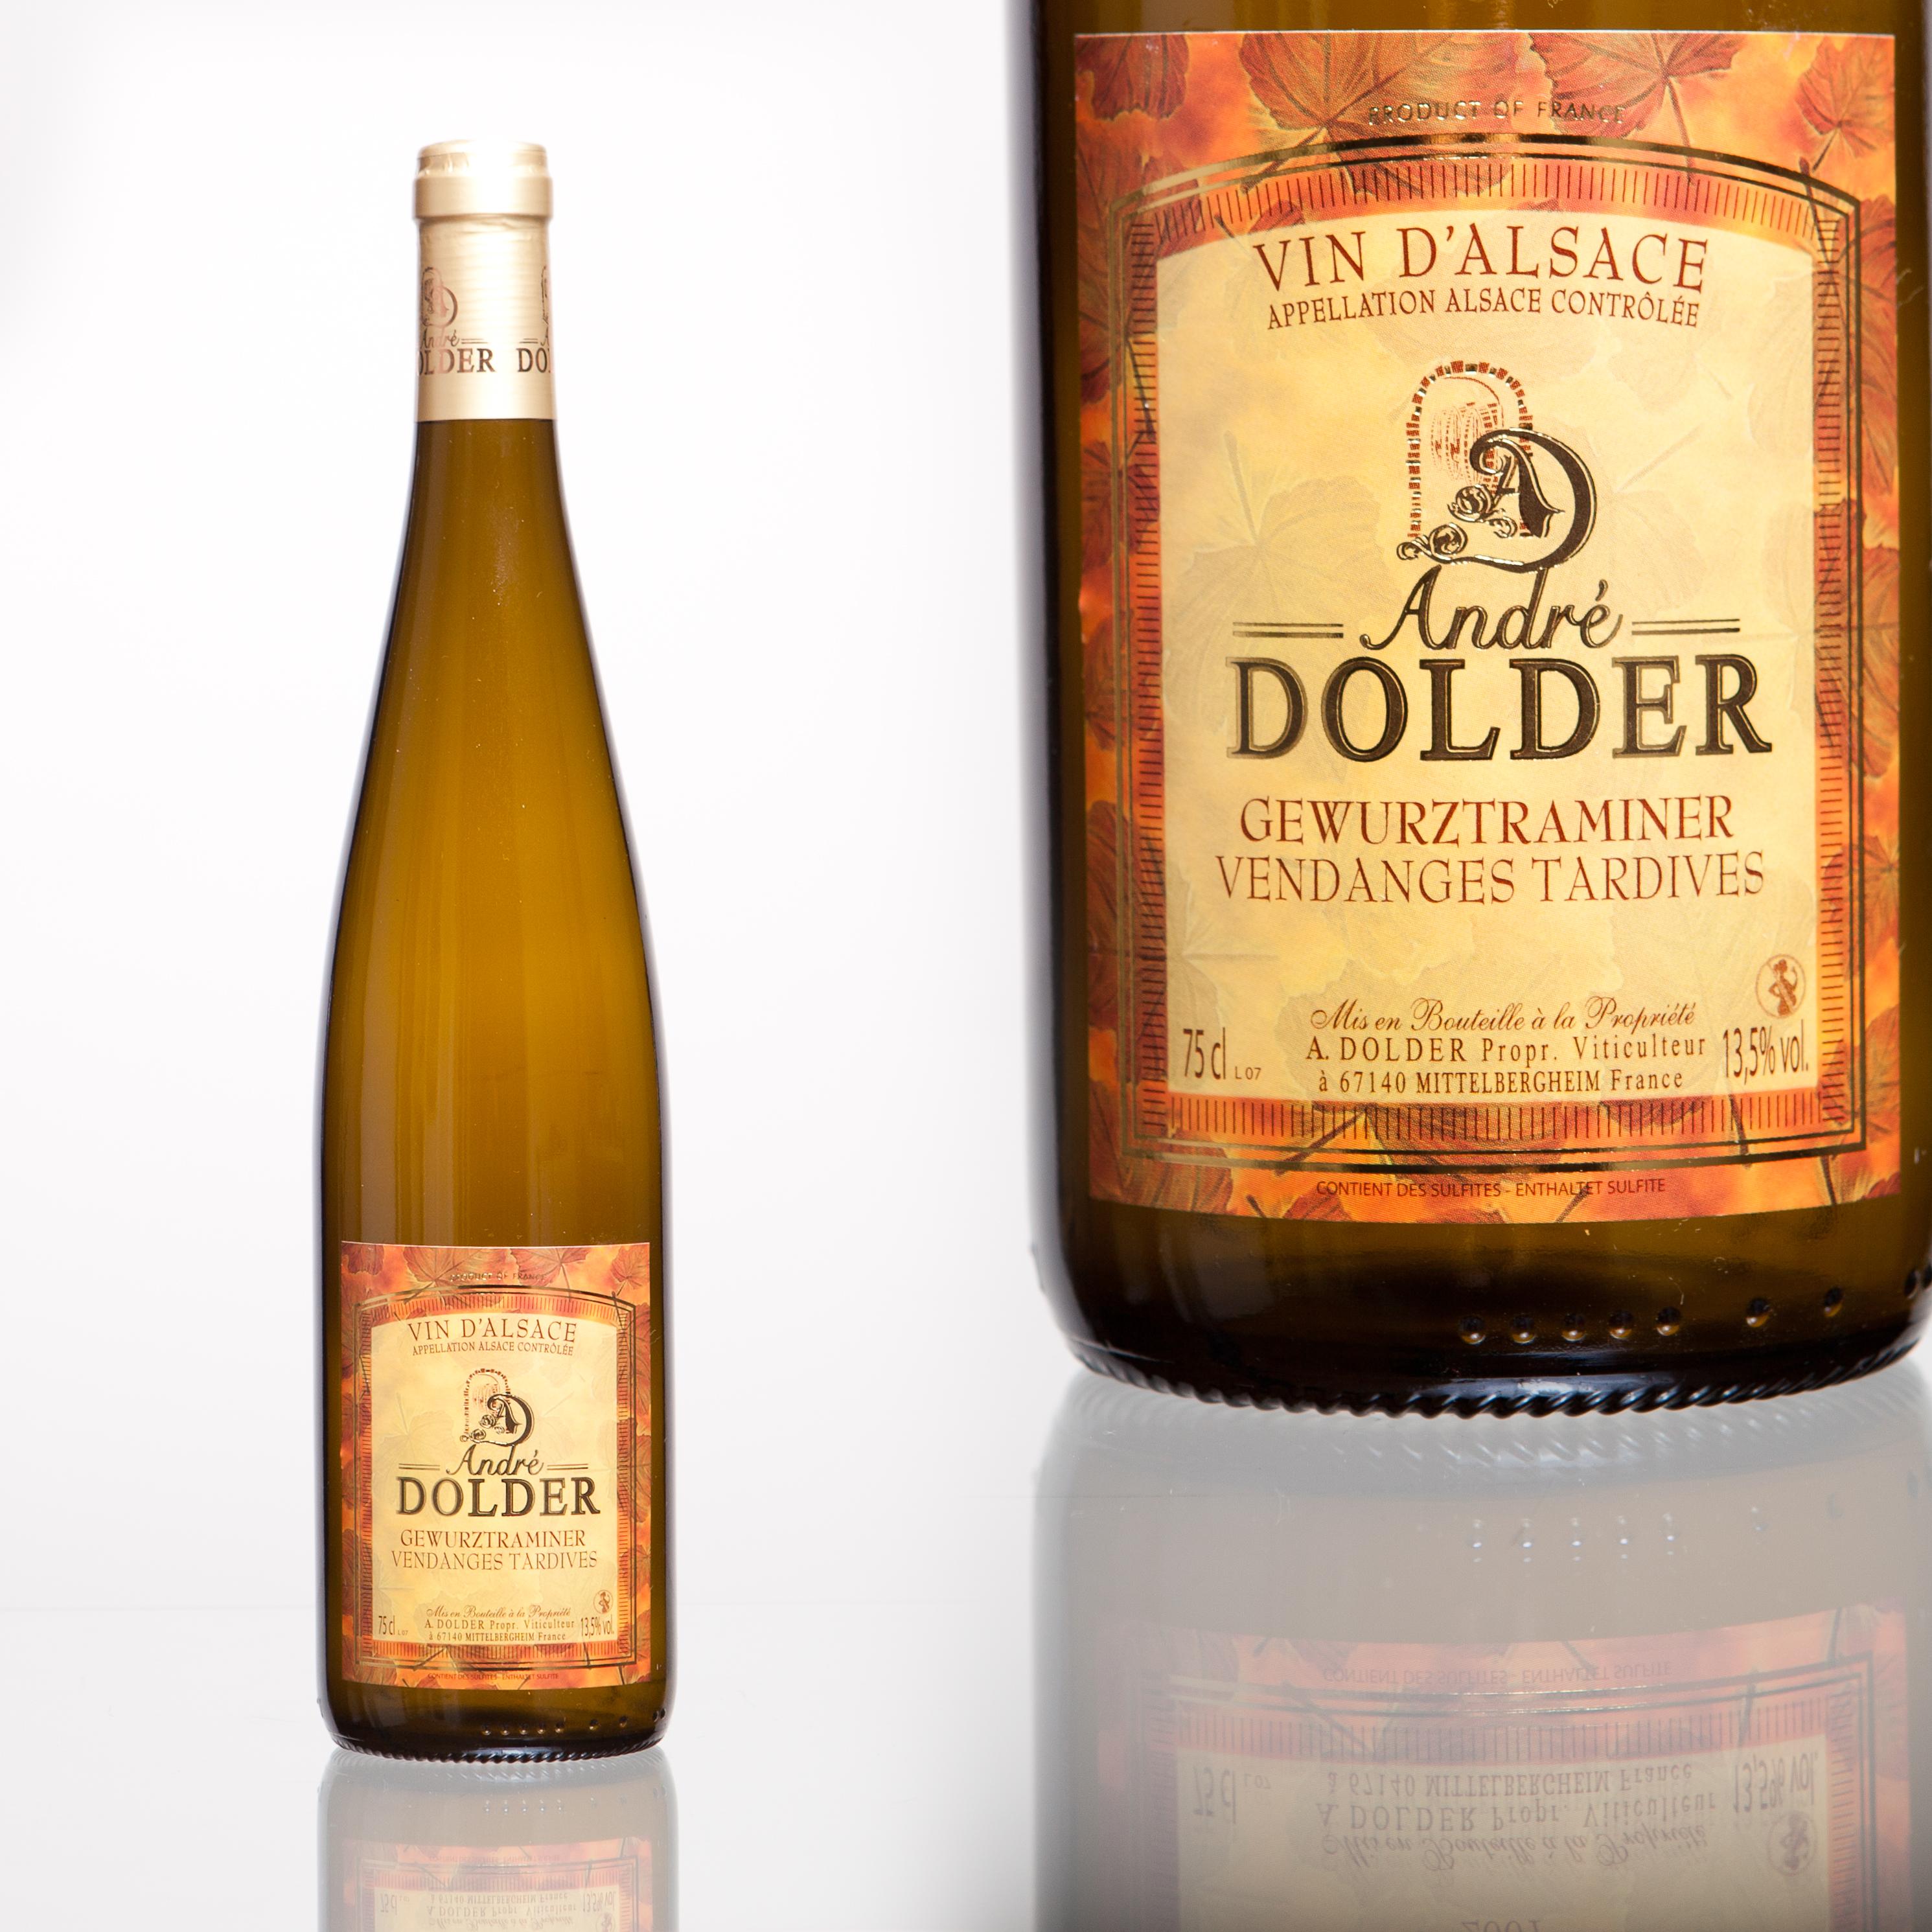 Gewurztraminer Vendanges Tardives Vins et Crémant d'Alsace André Dolder